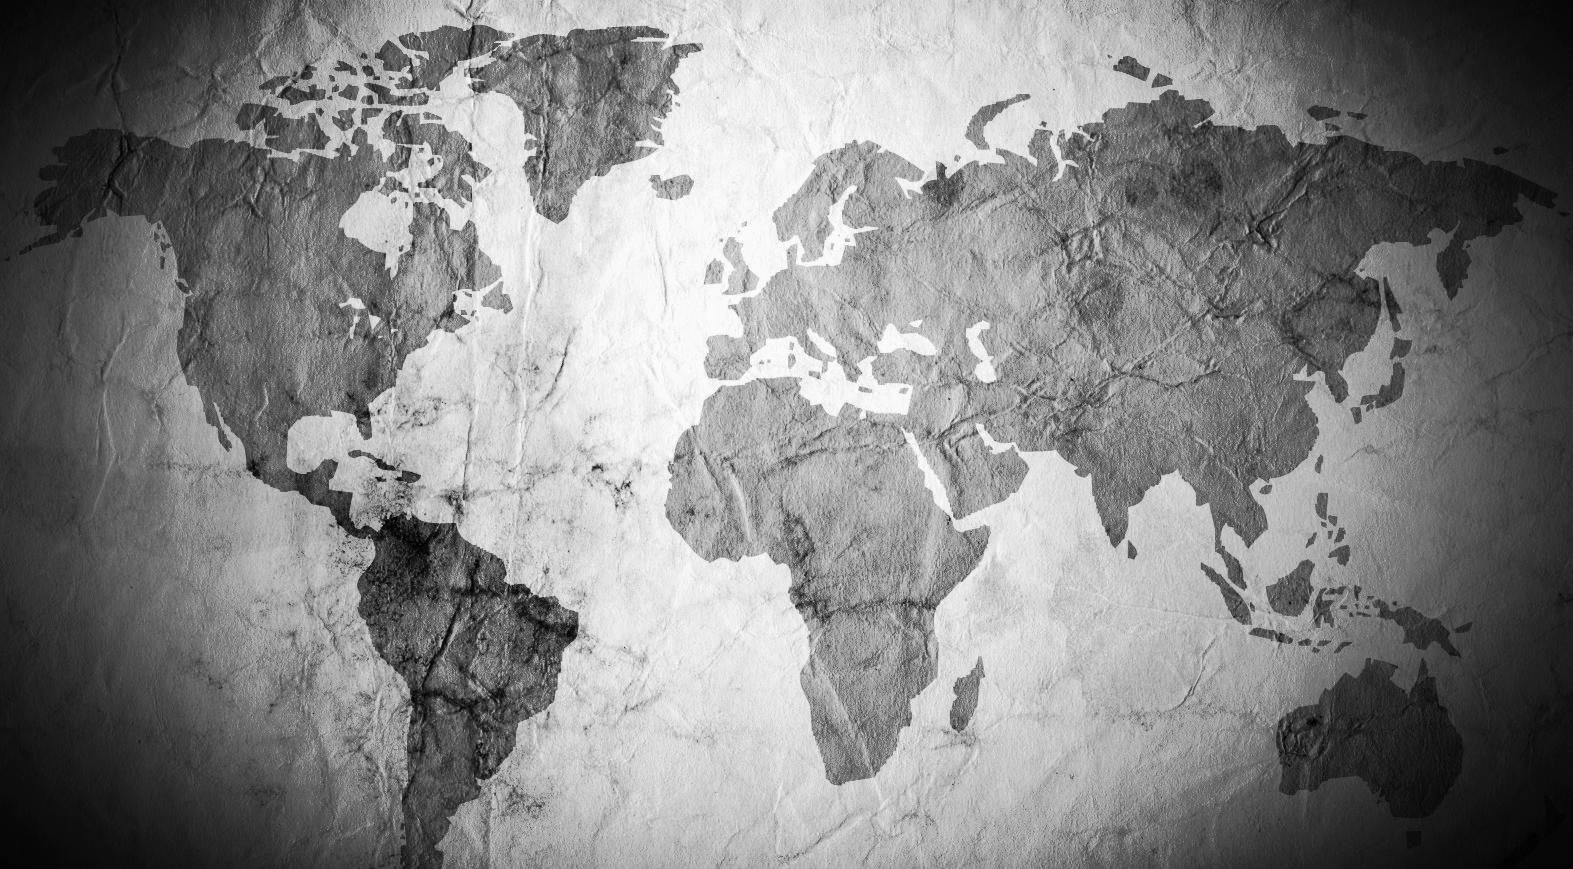 world-map1-e1315325473742.jpg